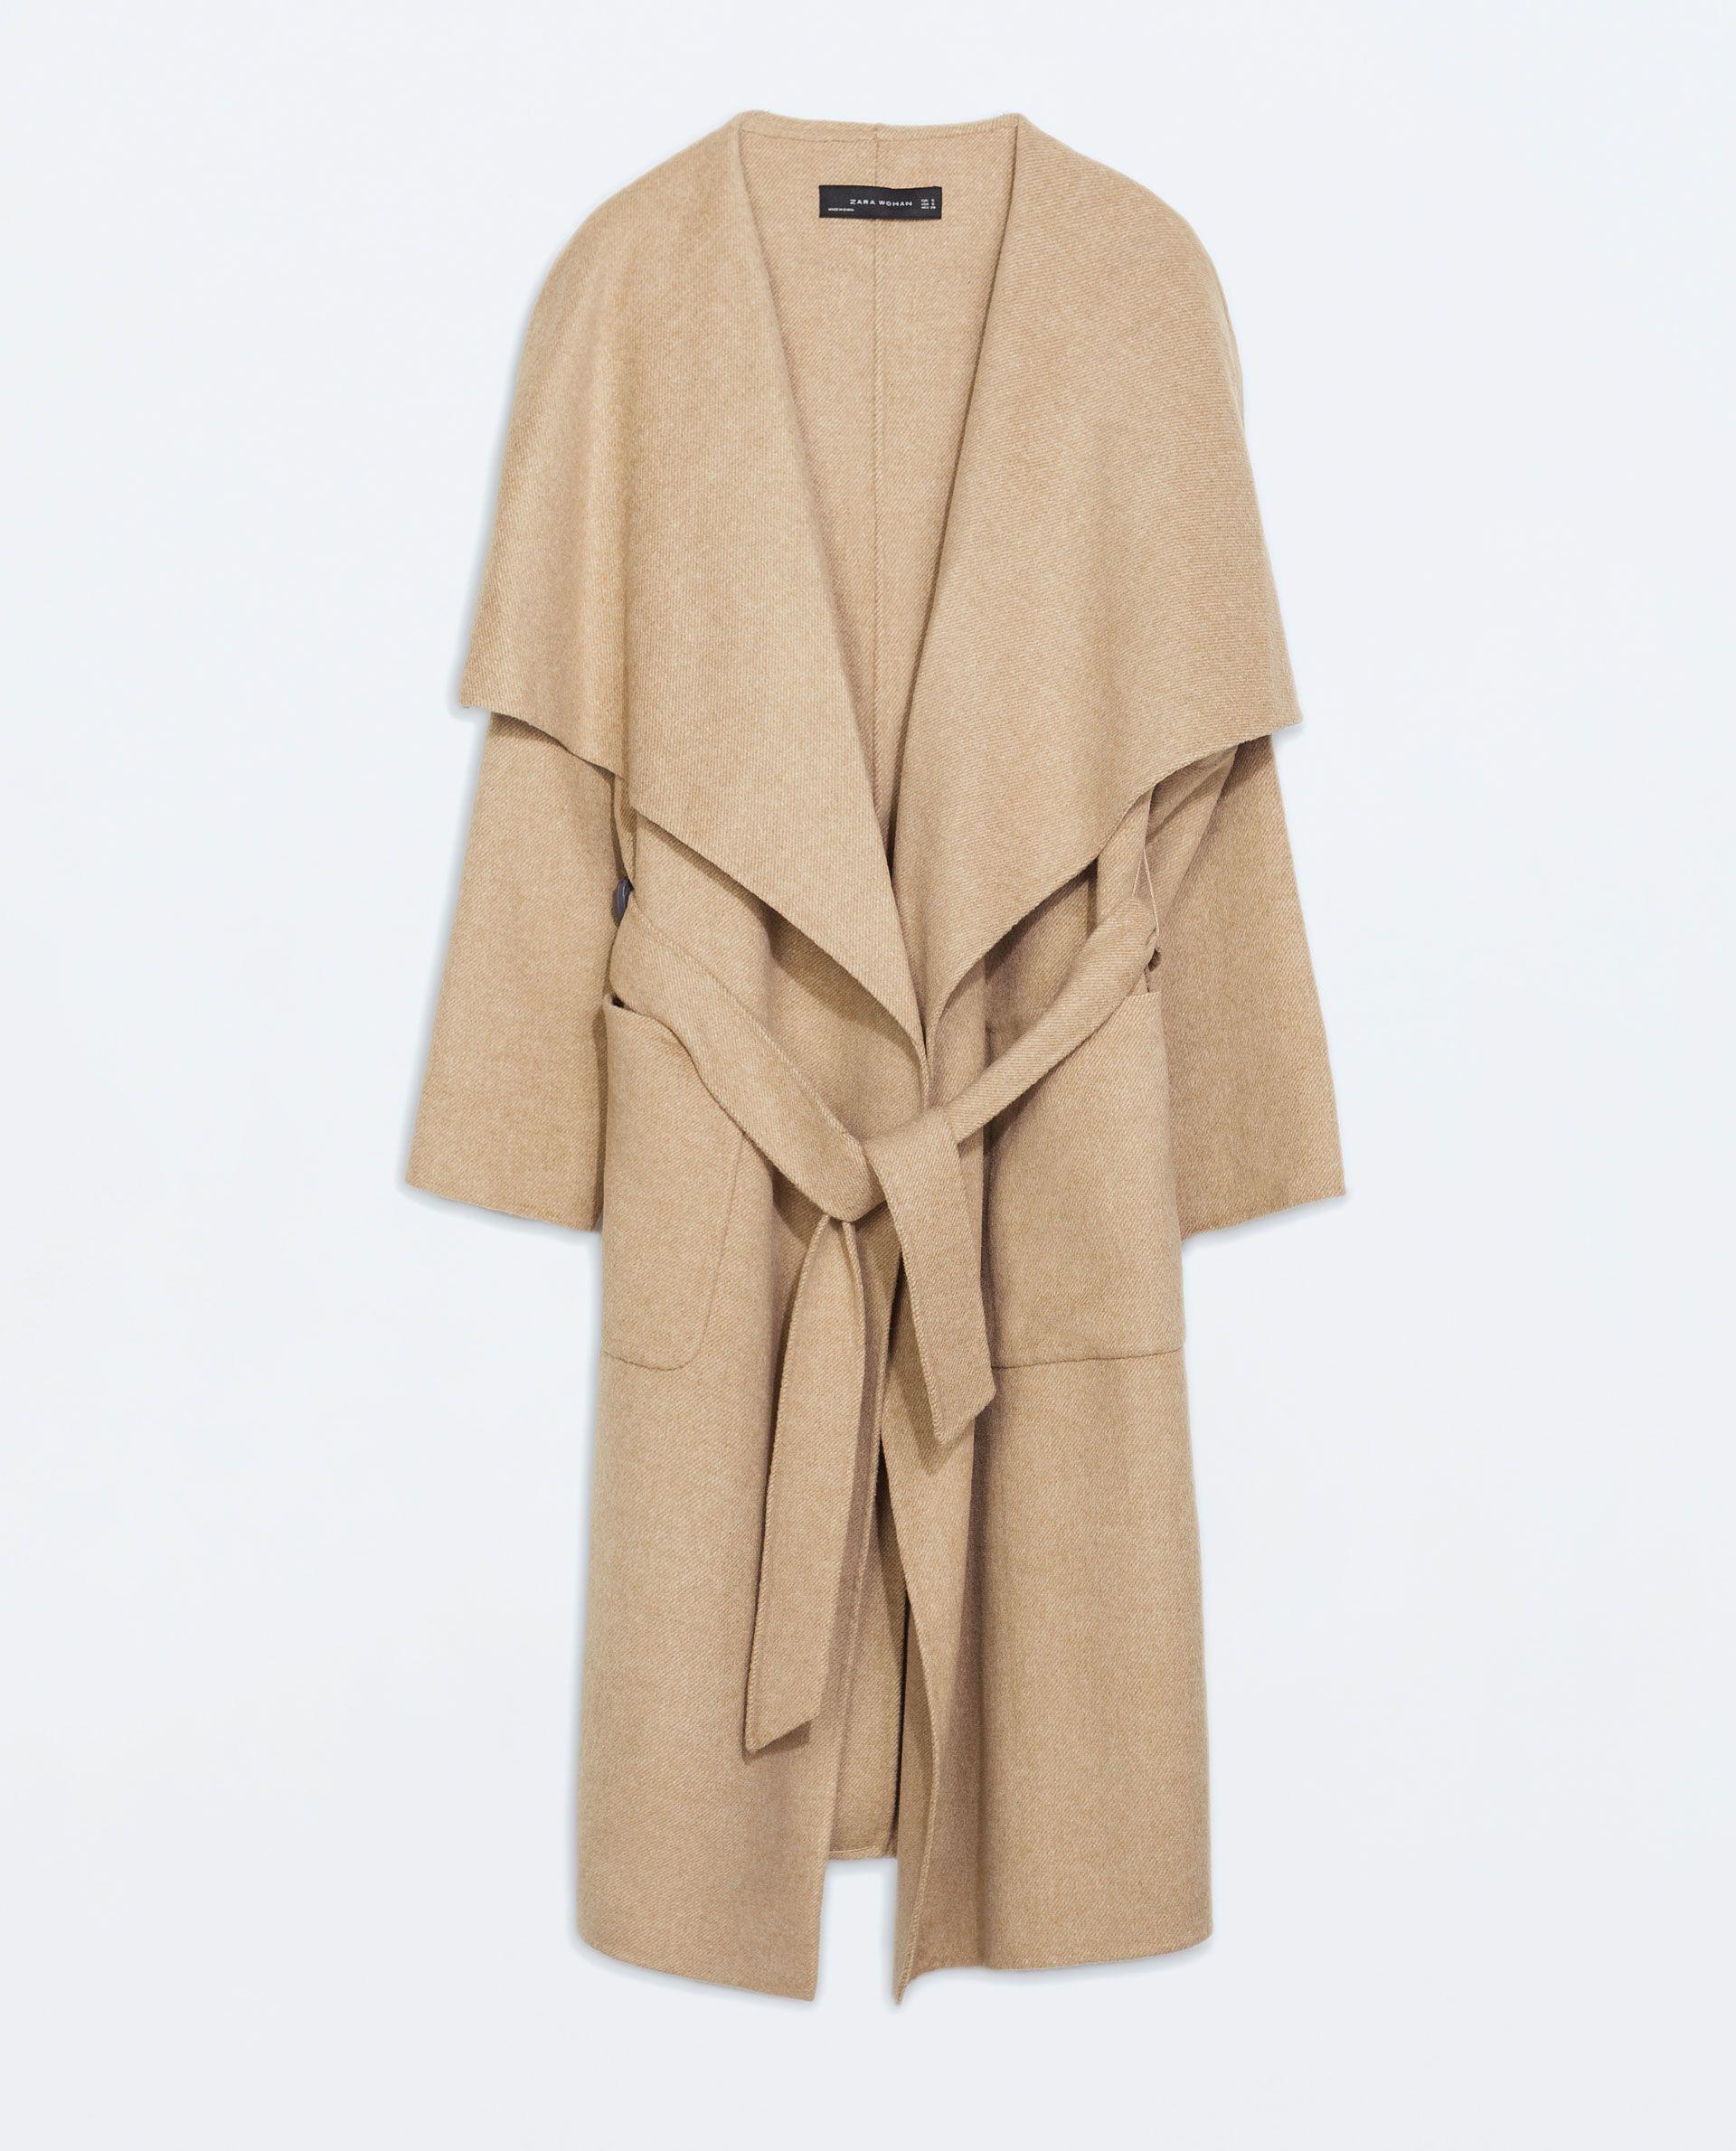 Nude Tall LONG woolen COAT from Zara | My Style | Pinterest ...